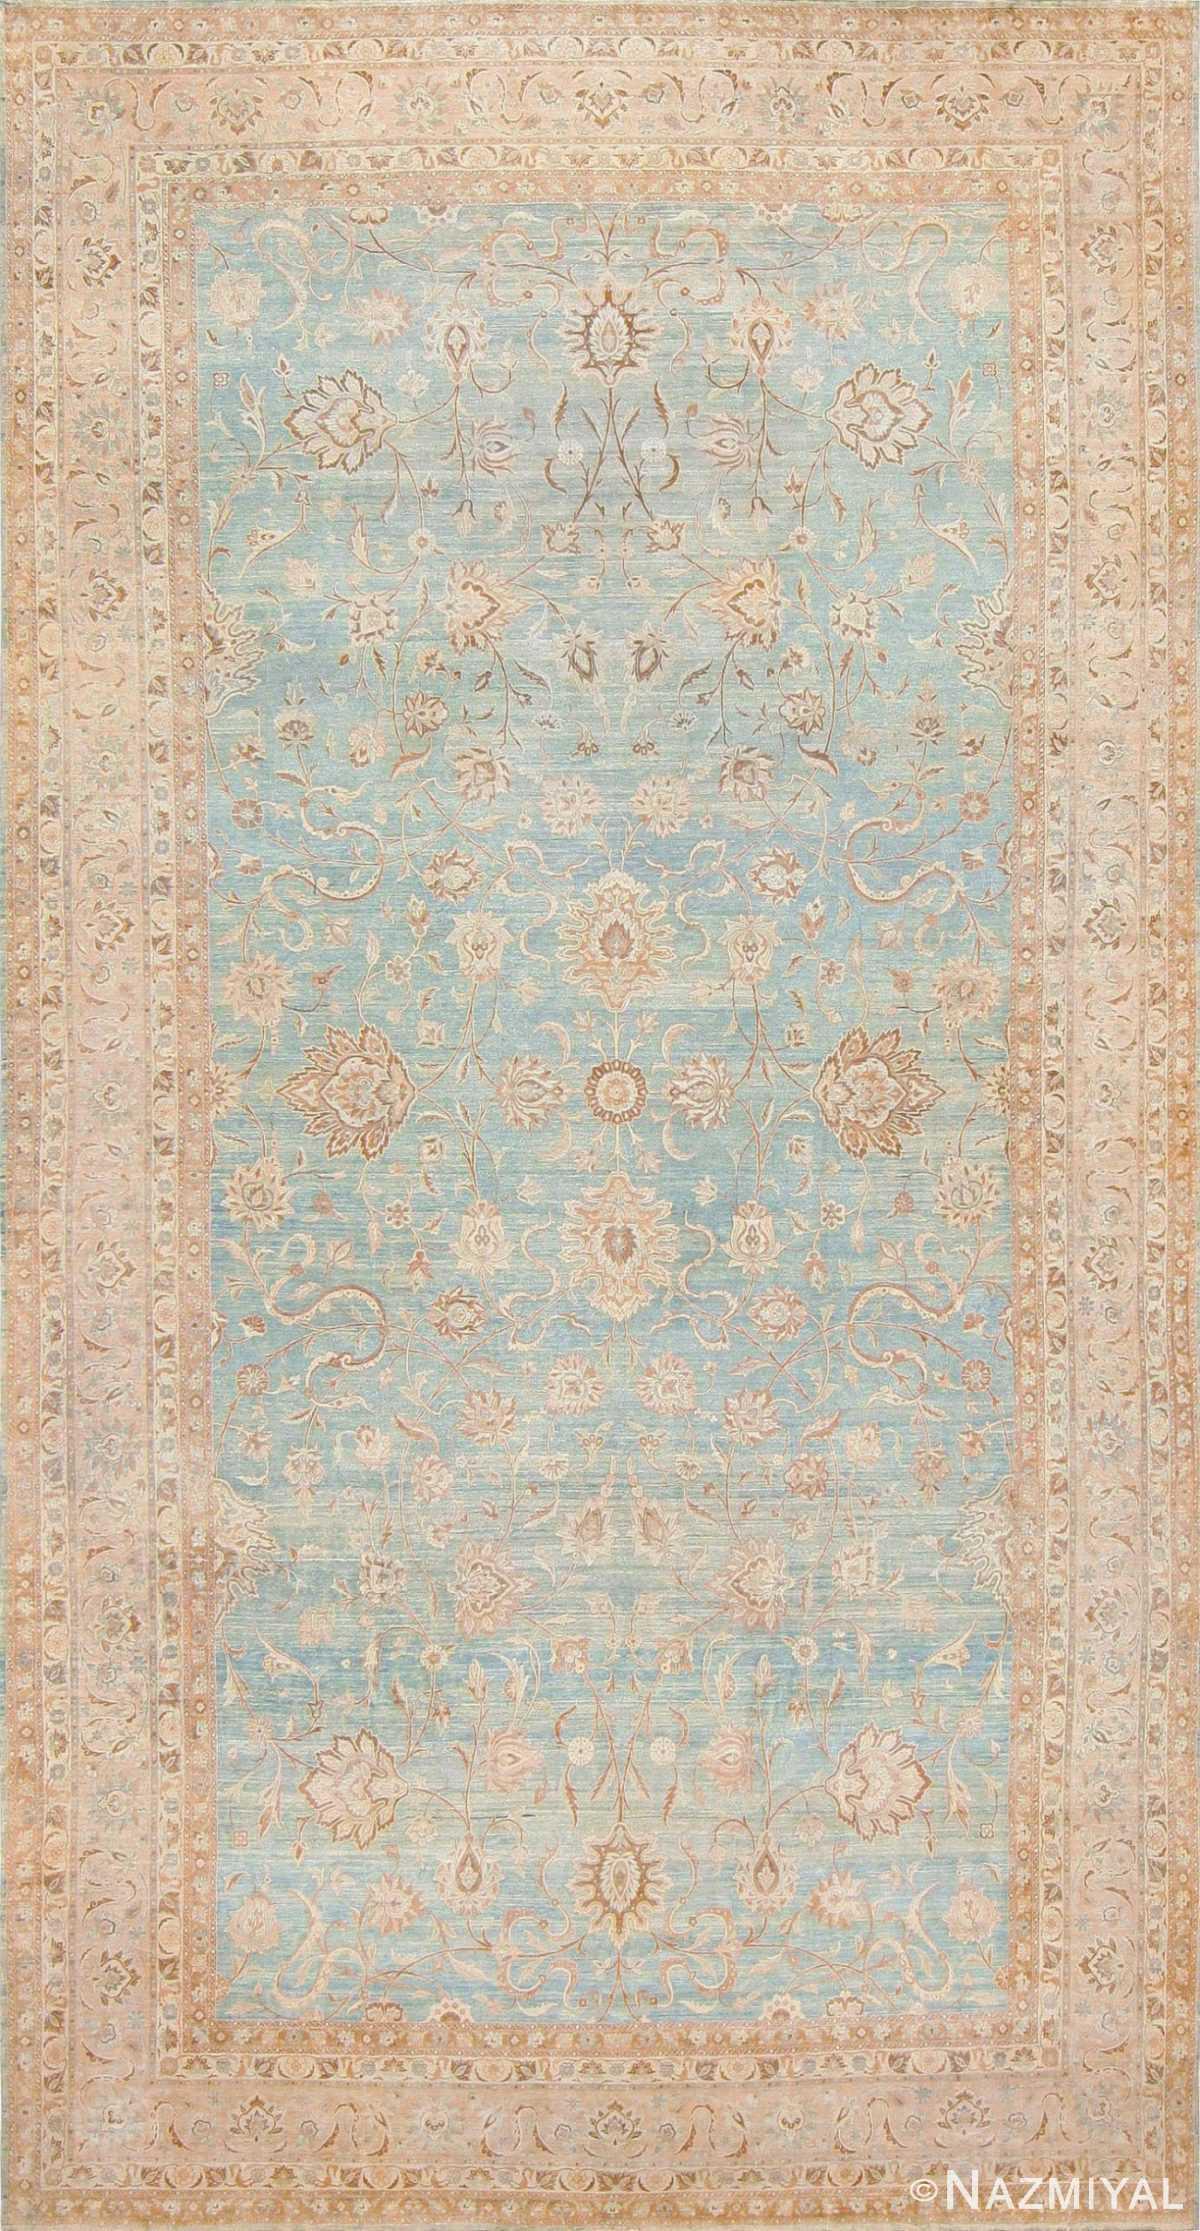 Large Antique Sky Blue Persian Kerman Carpet 46979 Nazmiyal